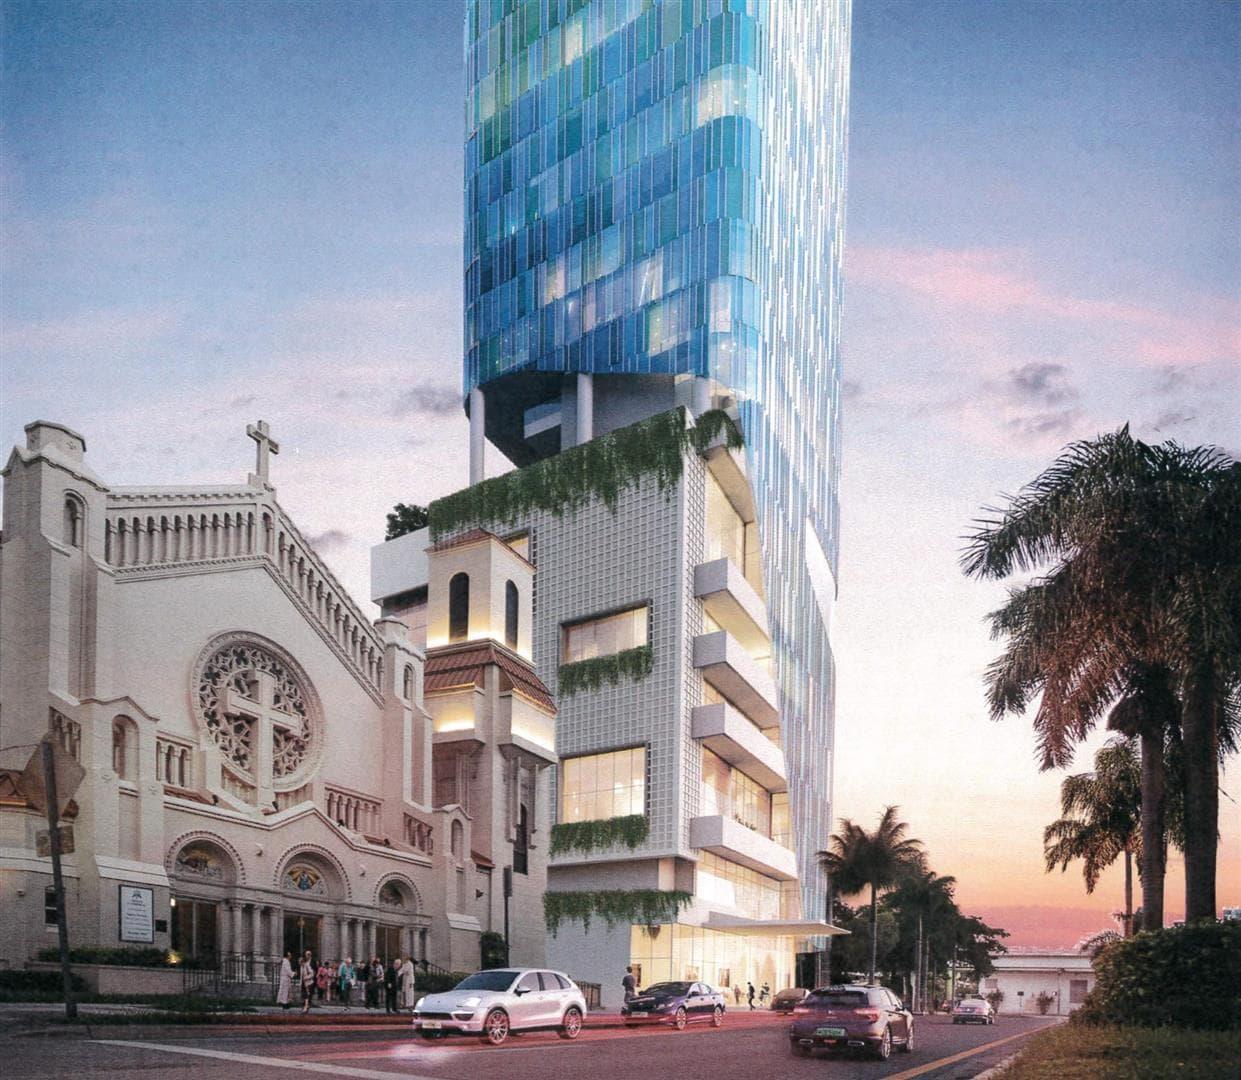 Miami Marriott Courtyard Rendering